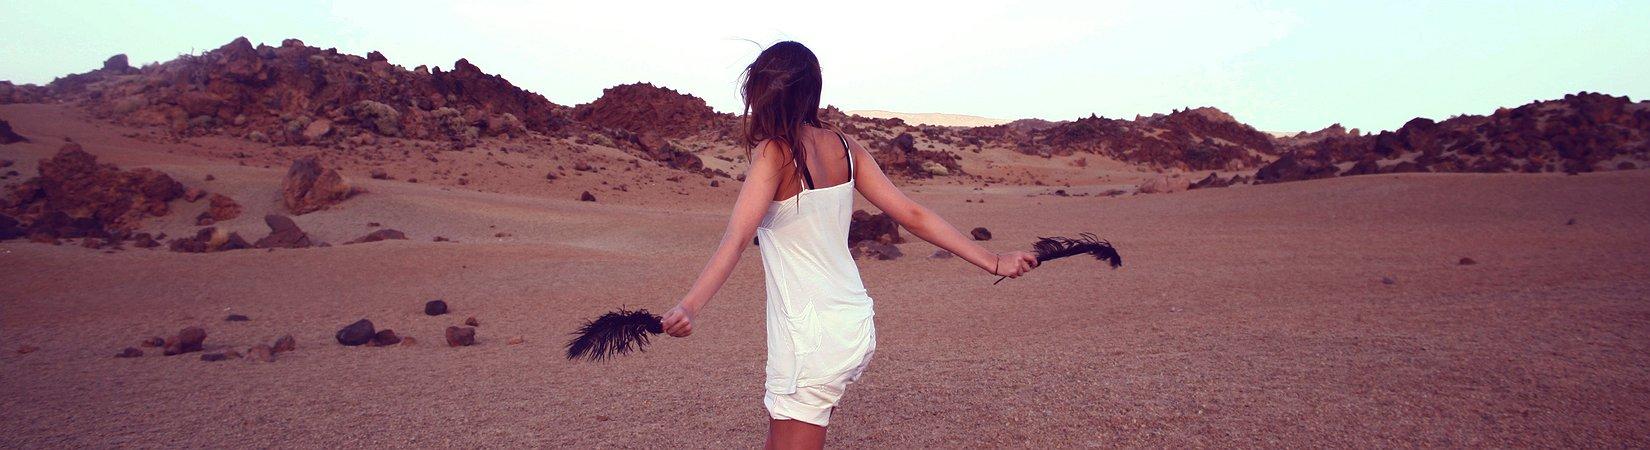 15 cose che dovreste impedire agli altri di farvi